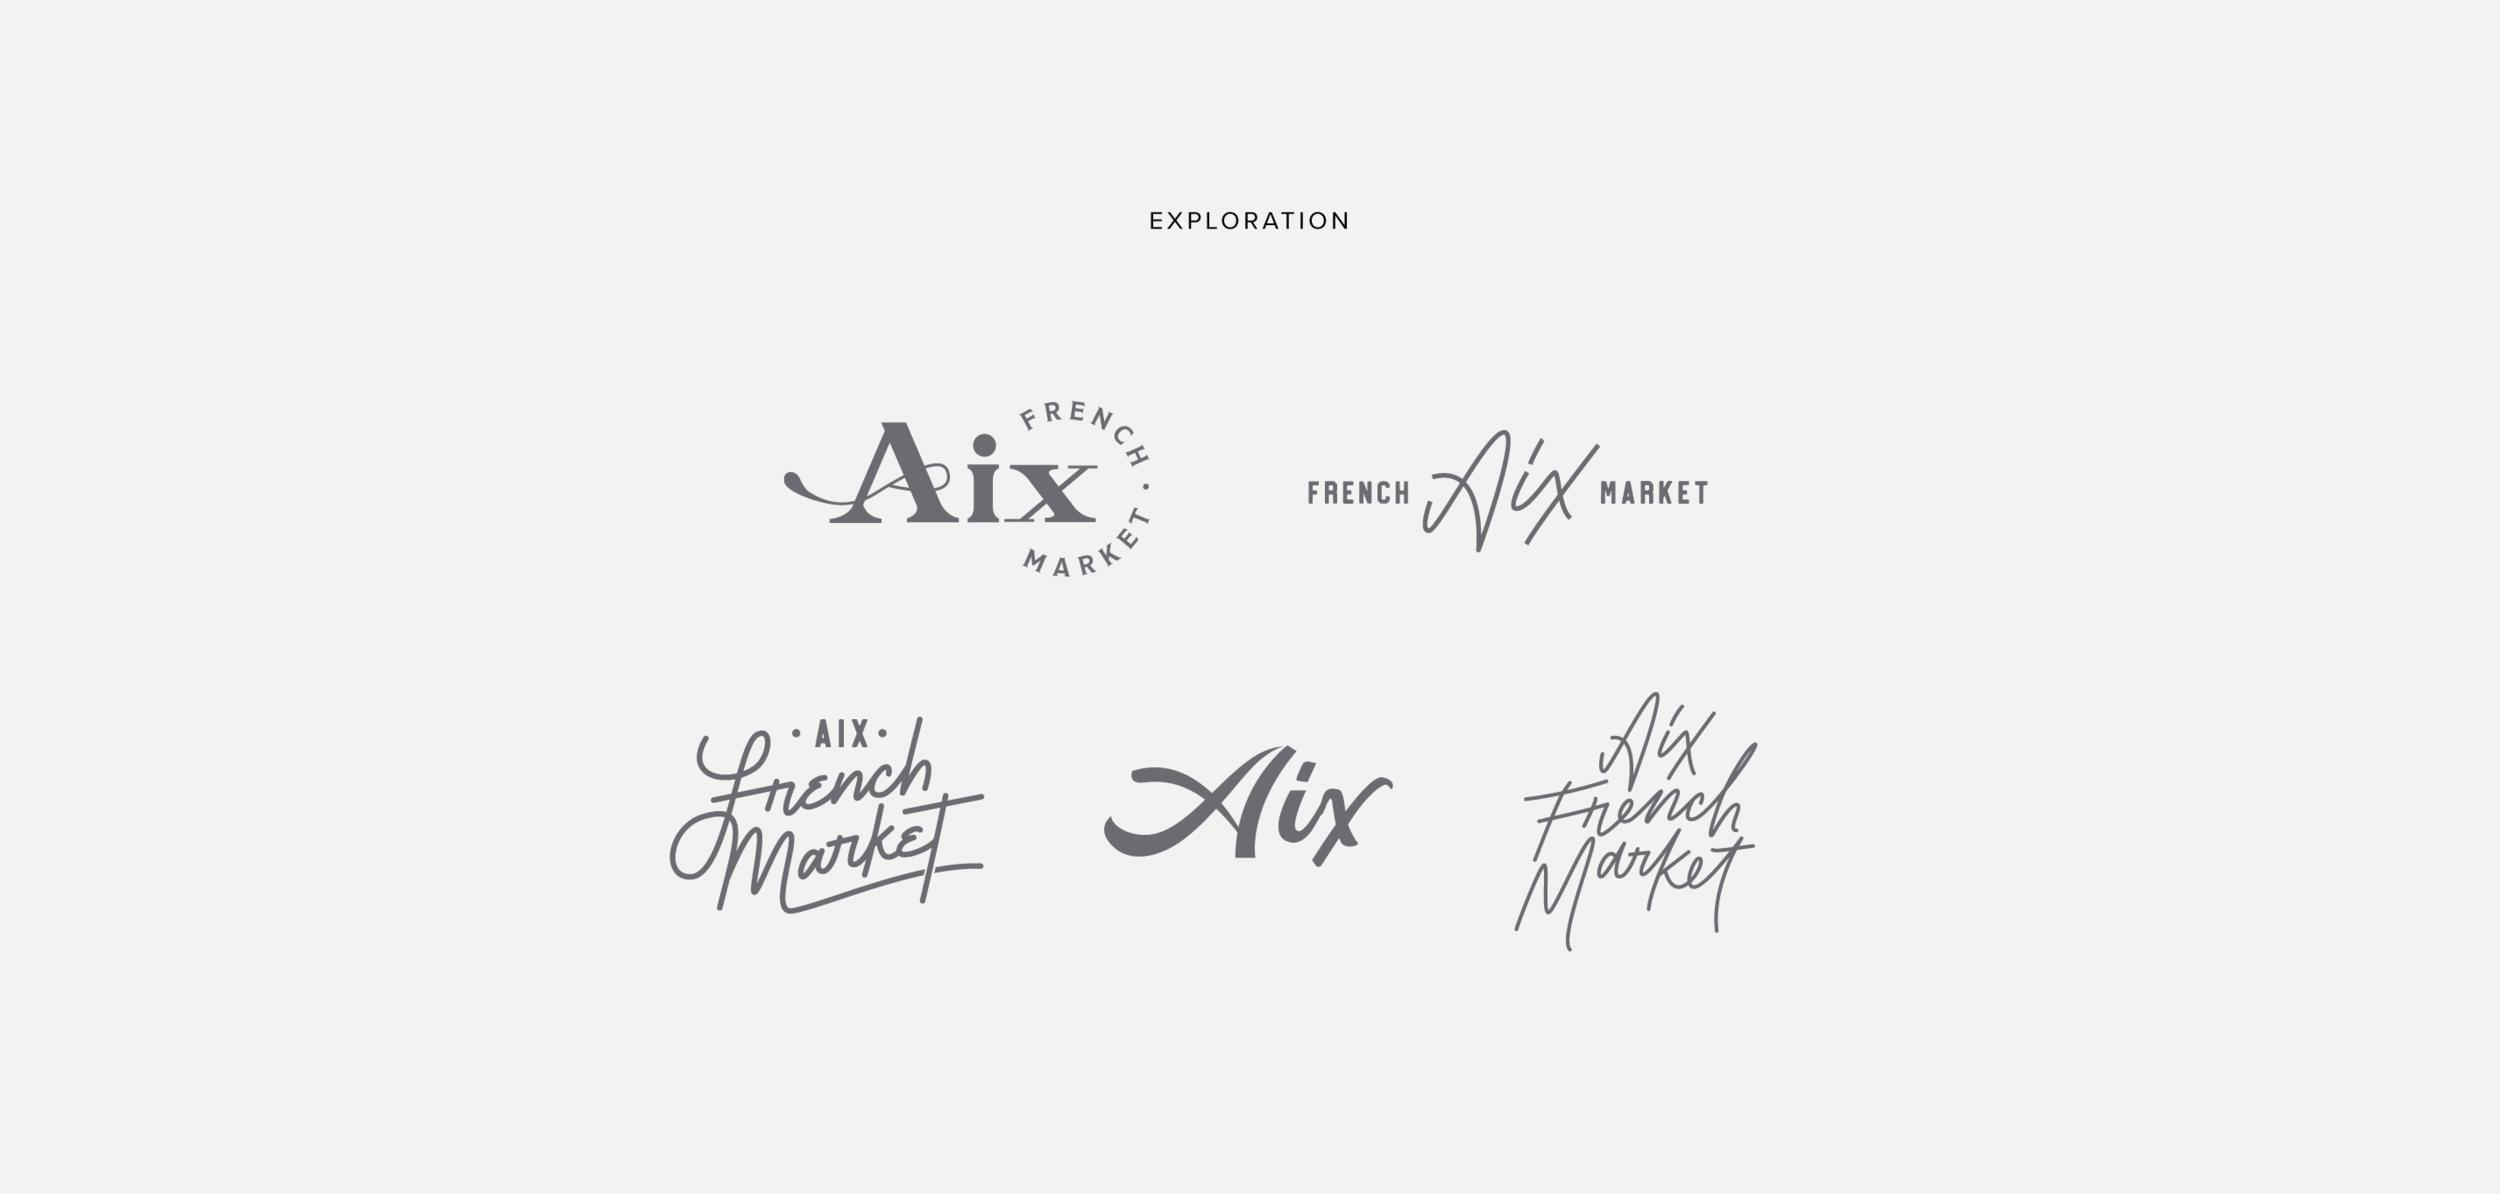 AIX_Logo_exploration.png